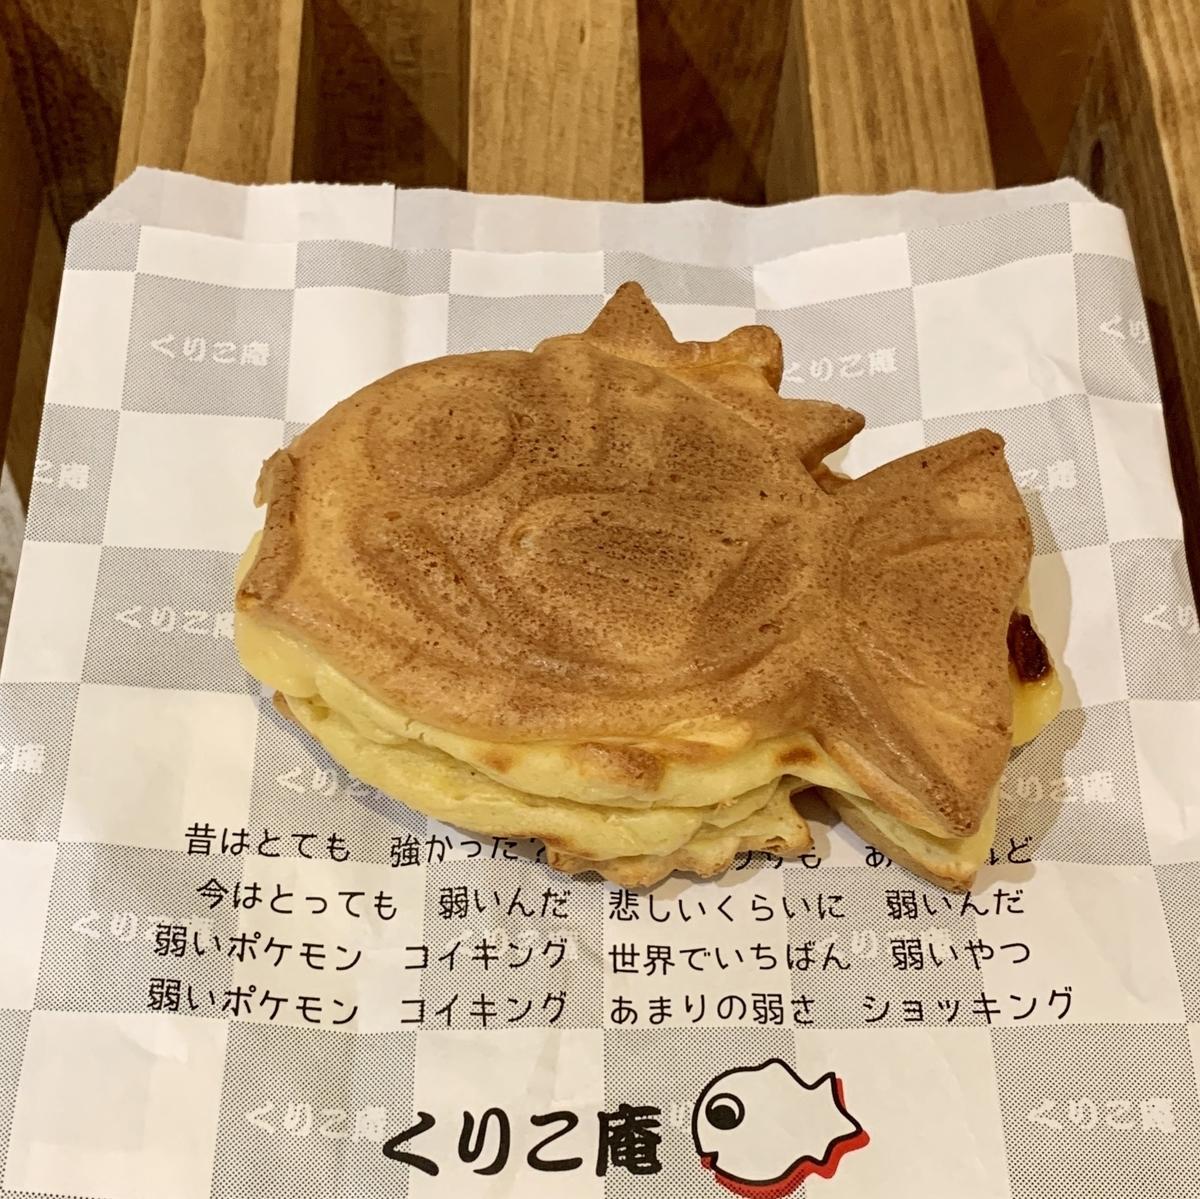 f:id:pikachu_pcn:20190808235741j:plain